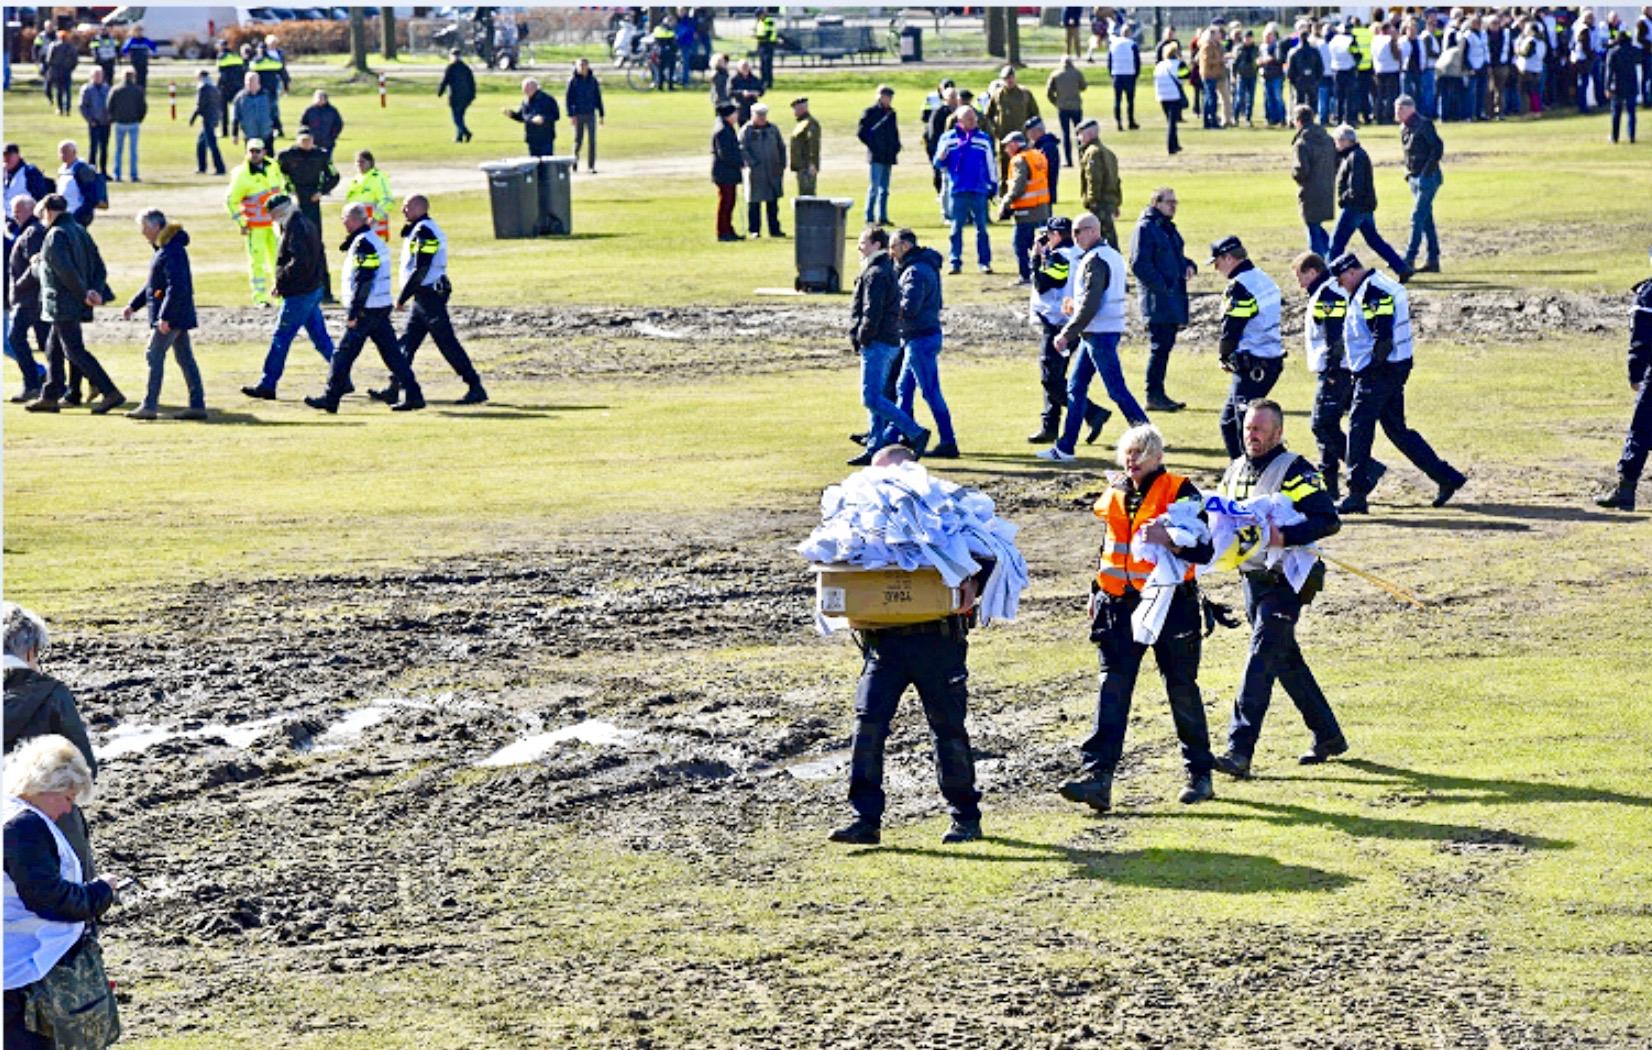 Politiebonden stellen uitvoeren van acties uit